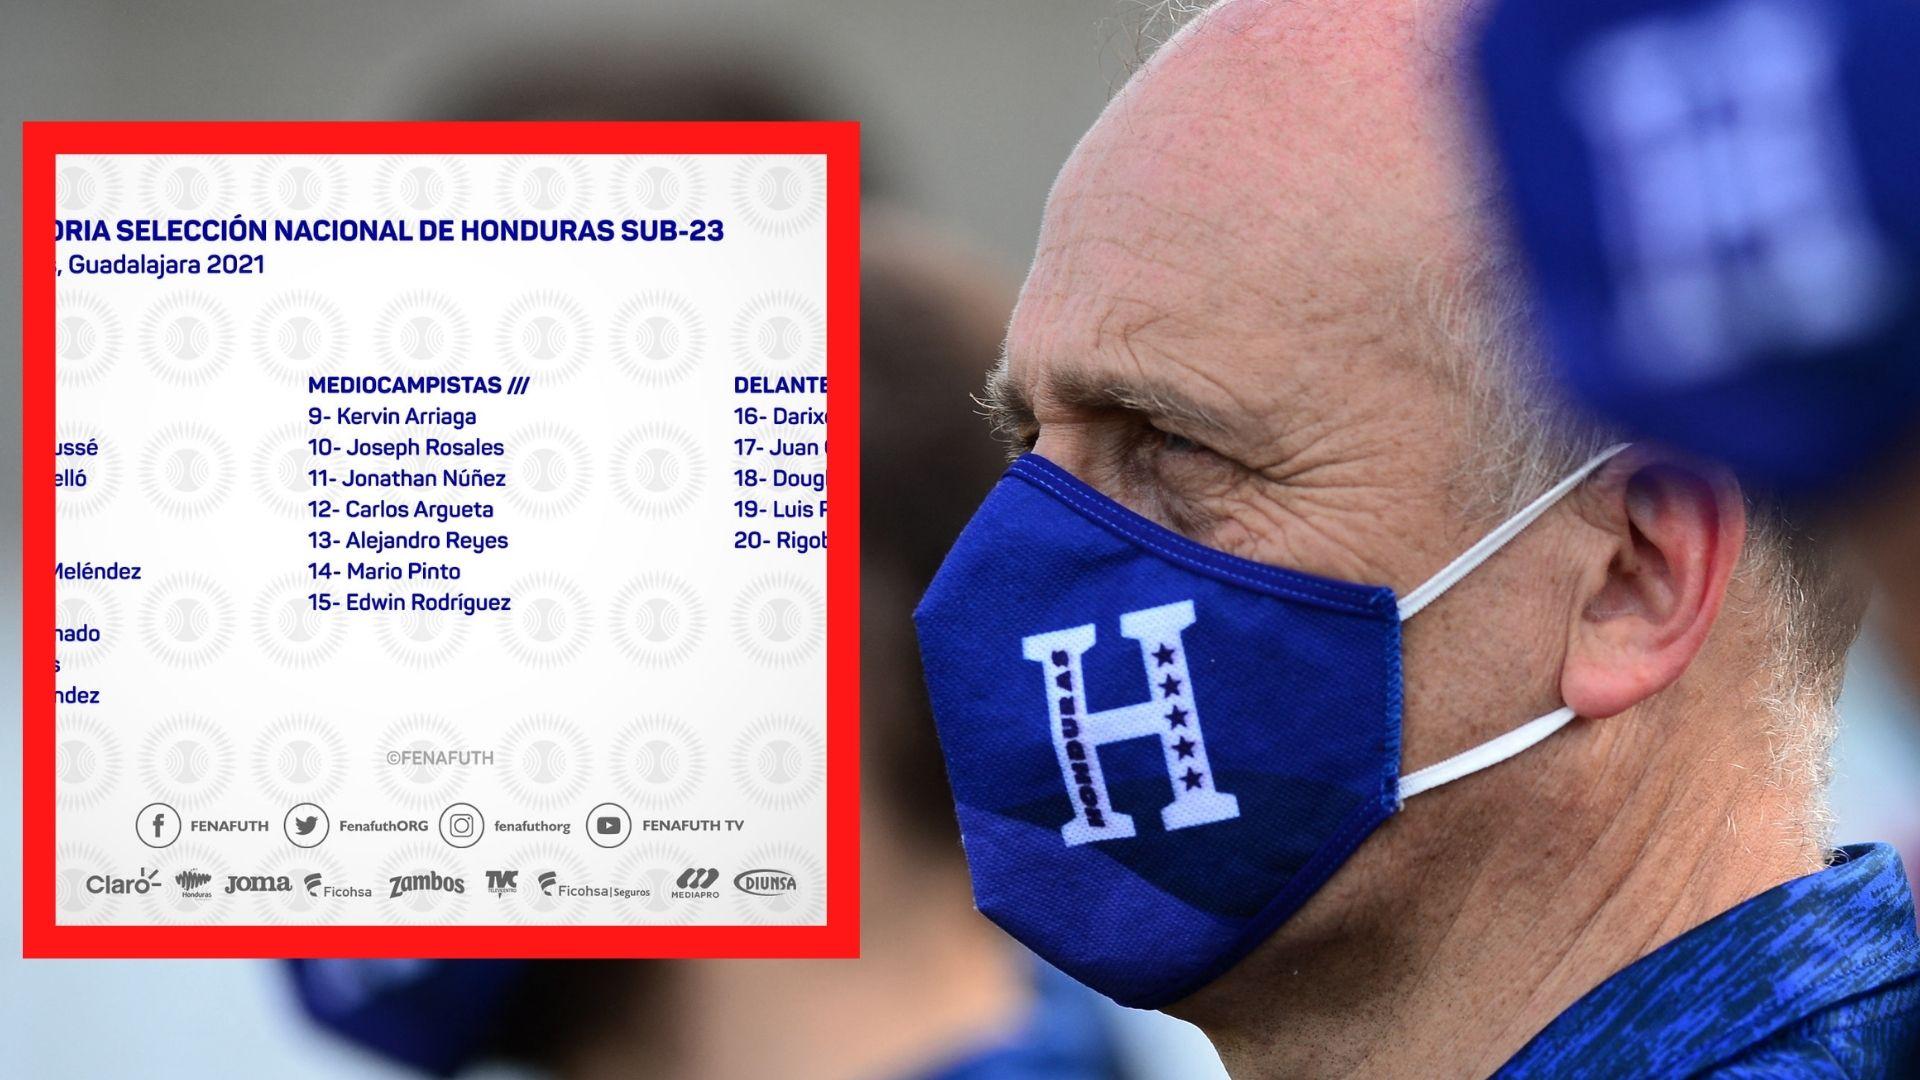 OFICIAL: FENAFUTH da a conocer el listado oficial para el Preolímpico de Concacaf 2021